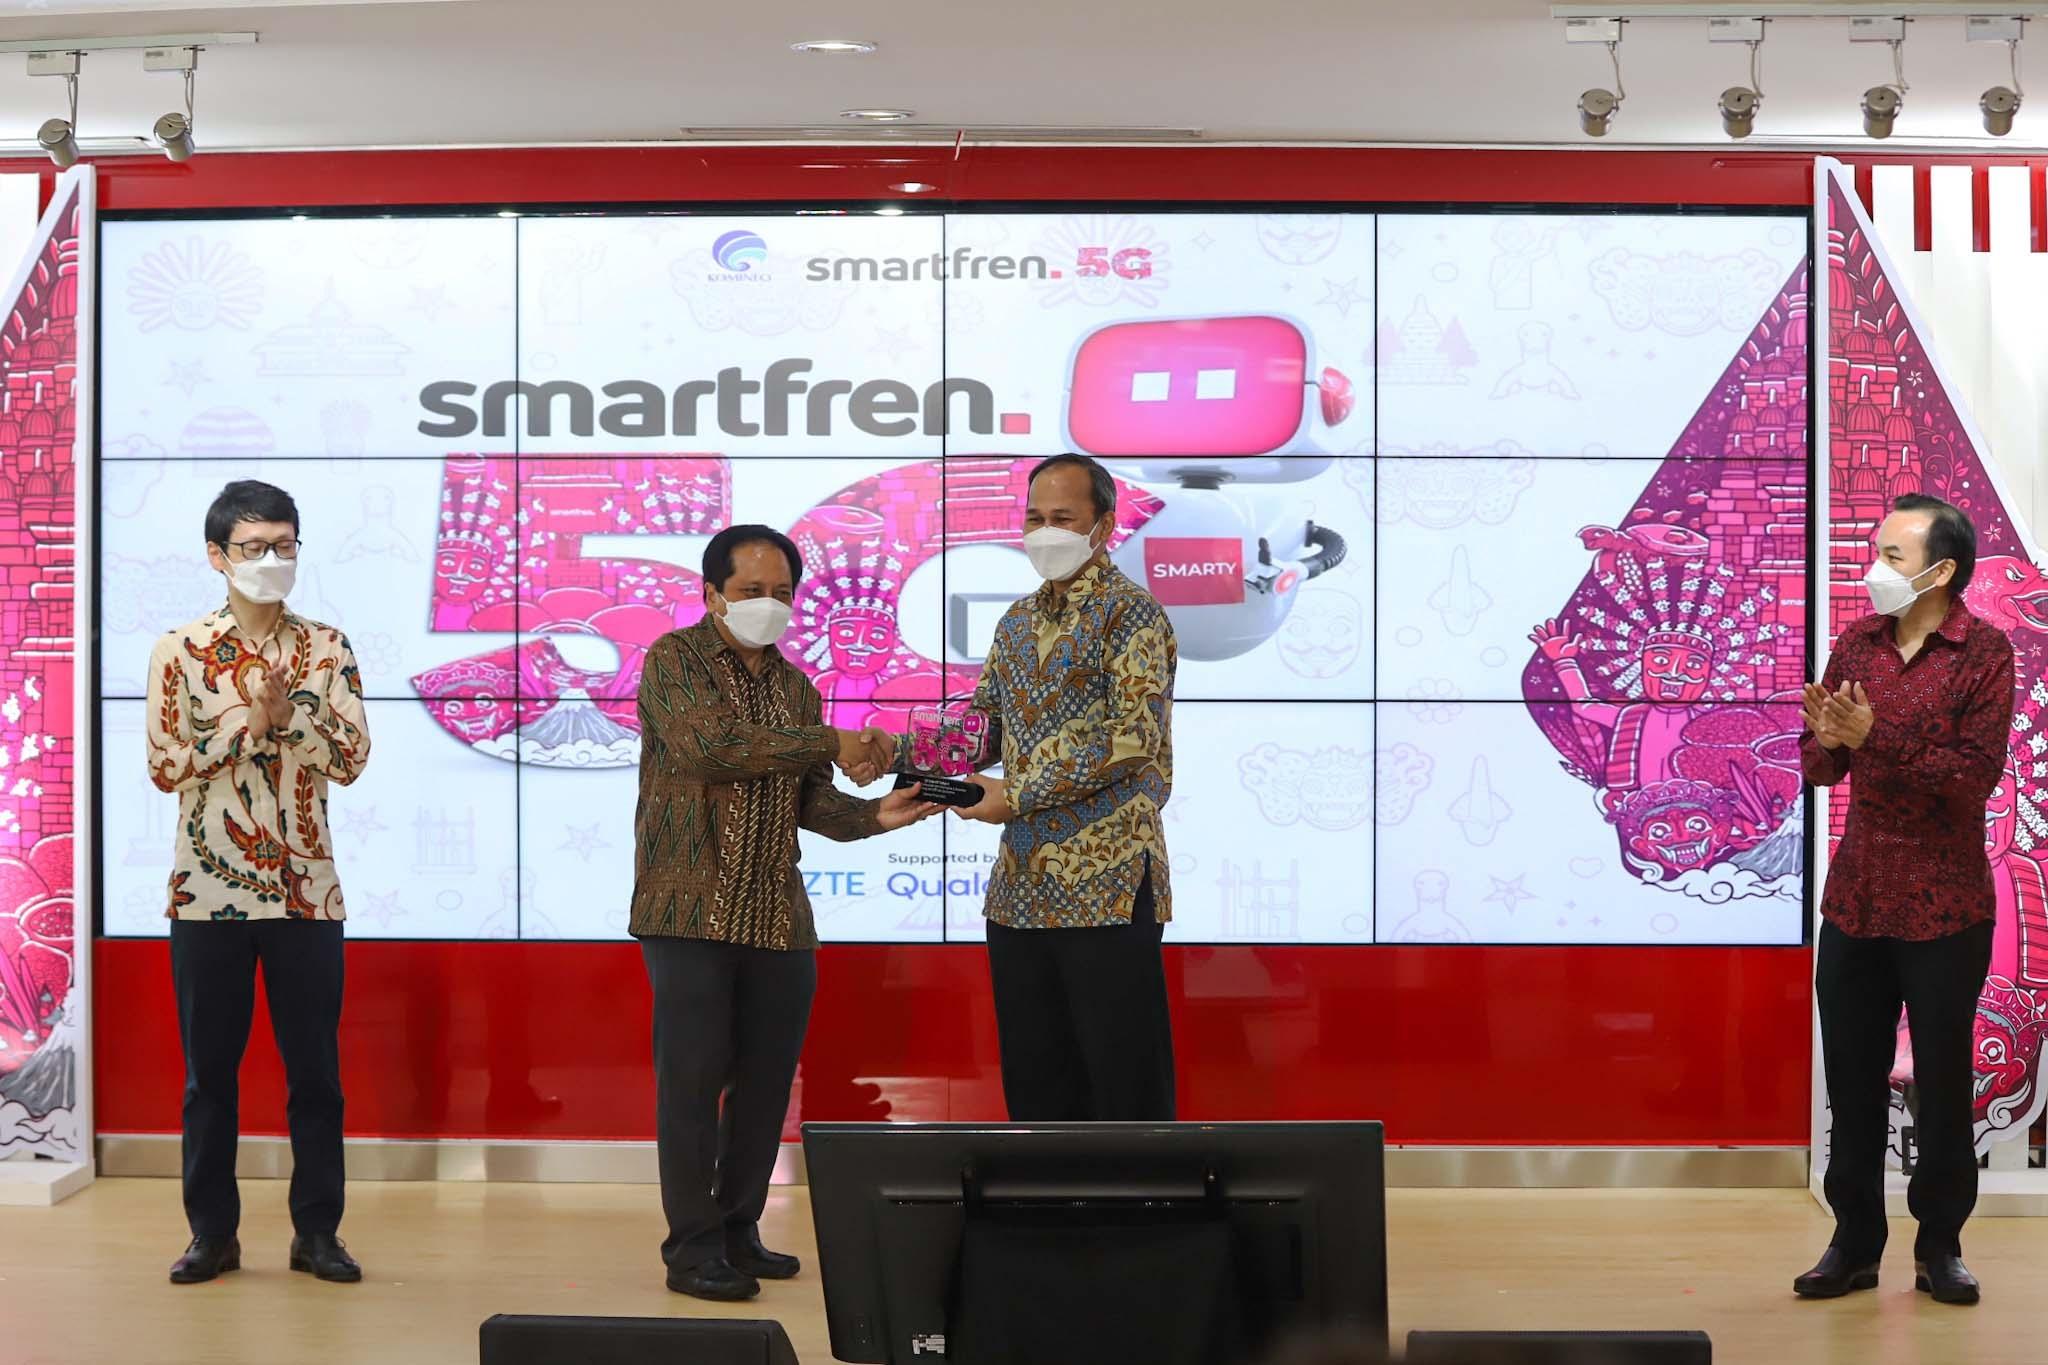 Smartfren Uji Coba Teknologi 5G Bareng Kominfo dan Hasilnya